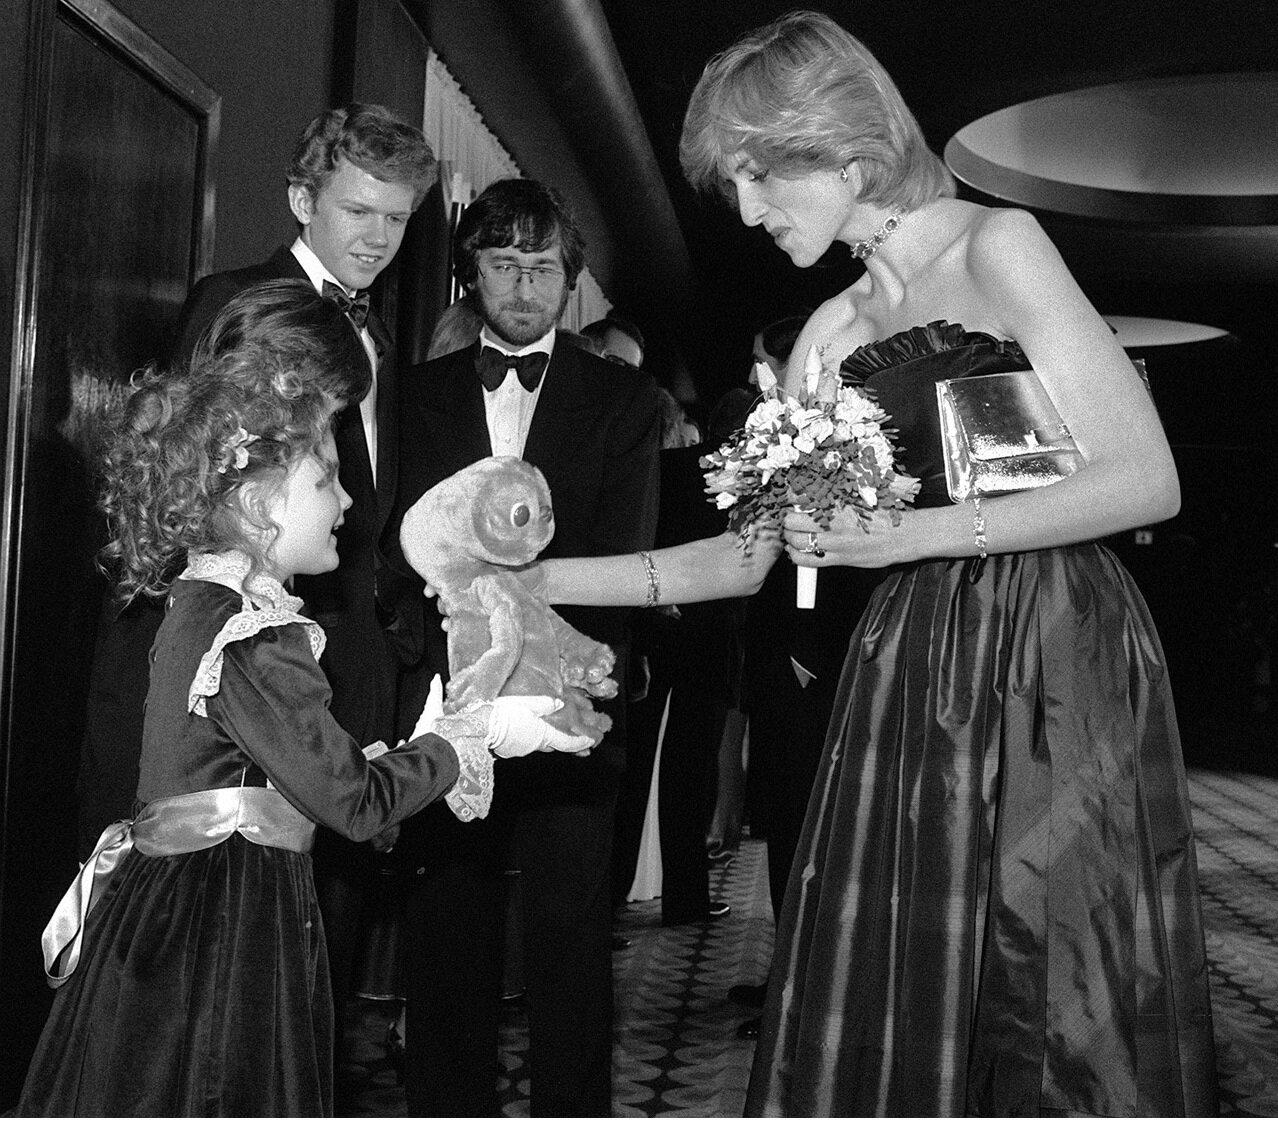 1982.. Дрю Бэрримор дарит принцессе Диане куклу «Ити», в момент когда она вместе с Робертом МакНотоном и Стивеном Спилбергом находилась на Лондонской премьере «Инопланетянина»